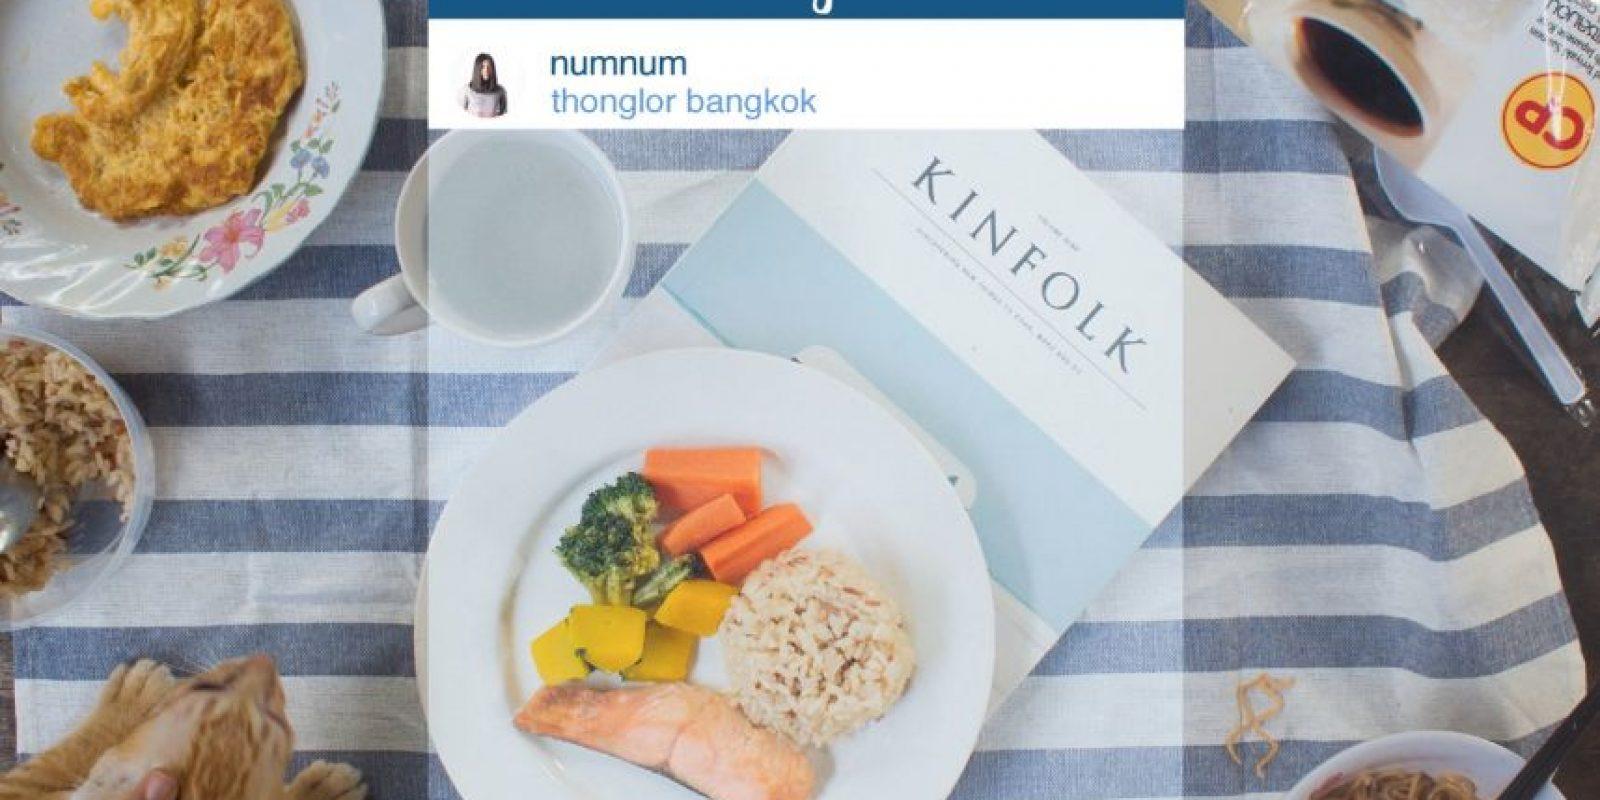 Una mesa con menos presentación que el plato fotografiado. Foto:vía Facebook/Chompoo Baritone